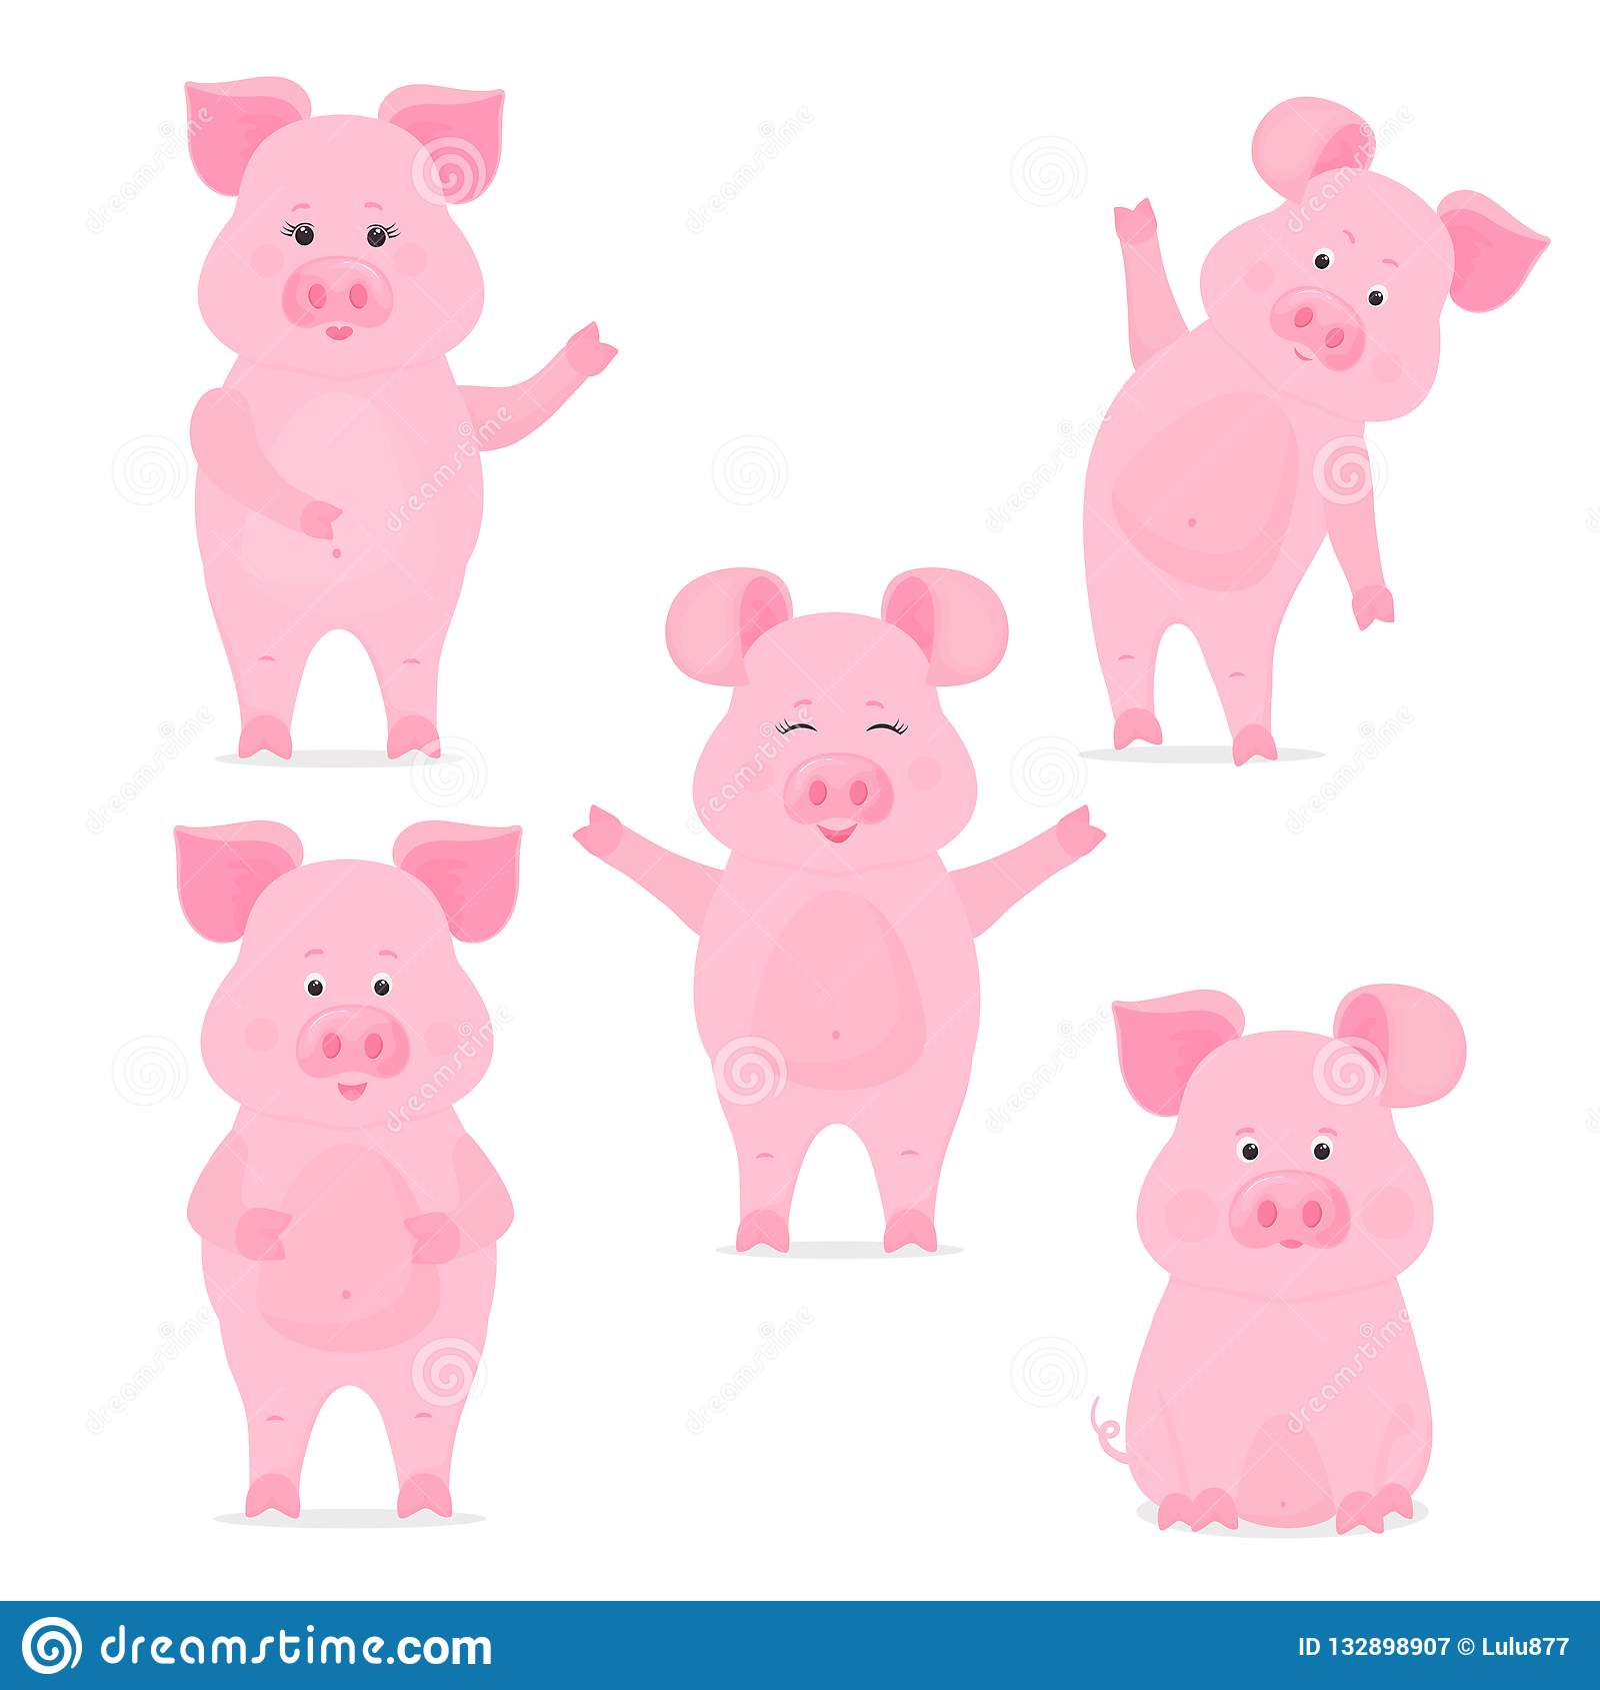 Väggkalender för 2019 från söndag till lördag Kinesiskt nytt år av det gula jordsvinet gulligt piggy